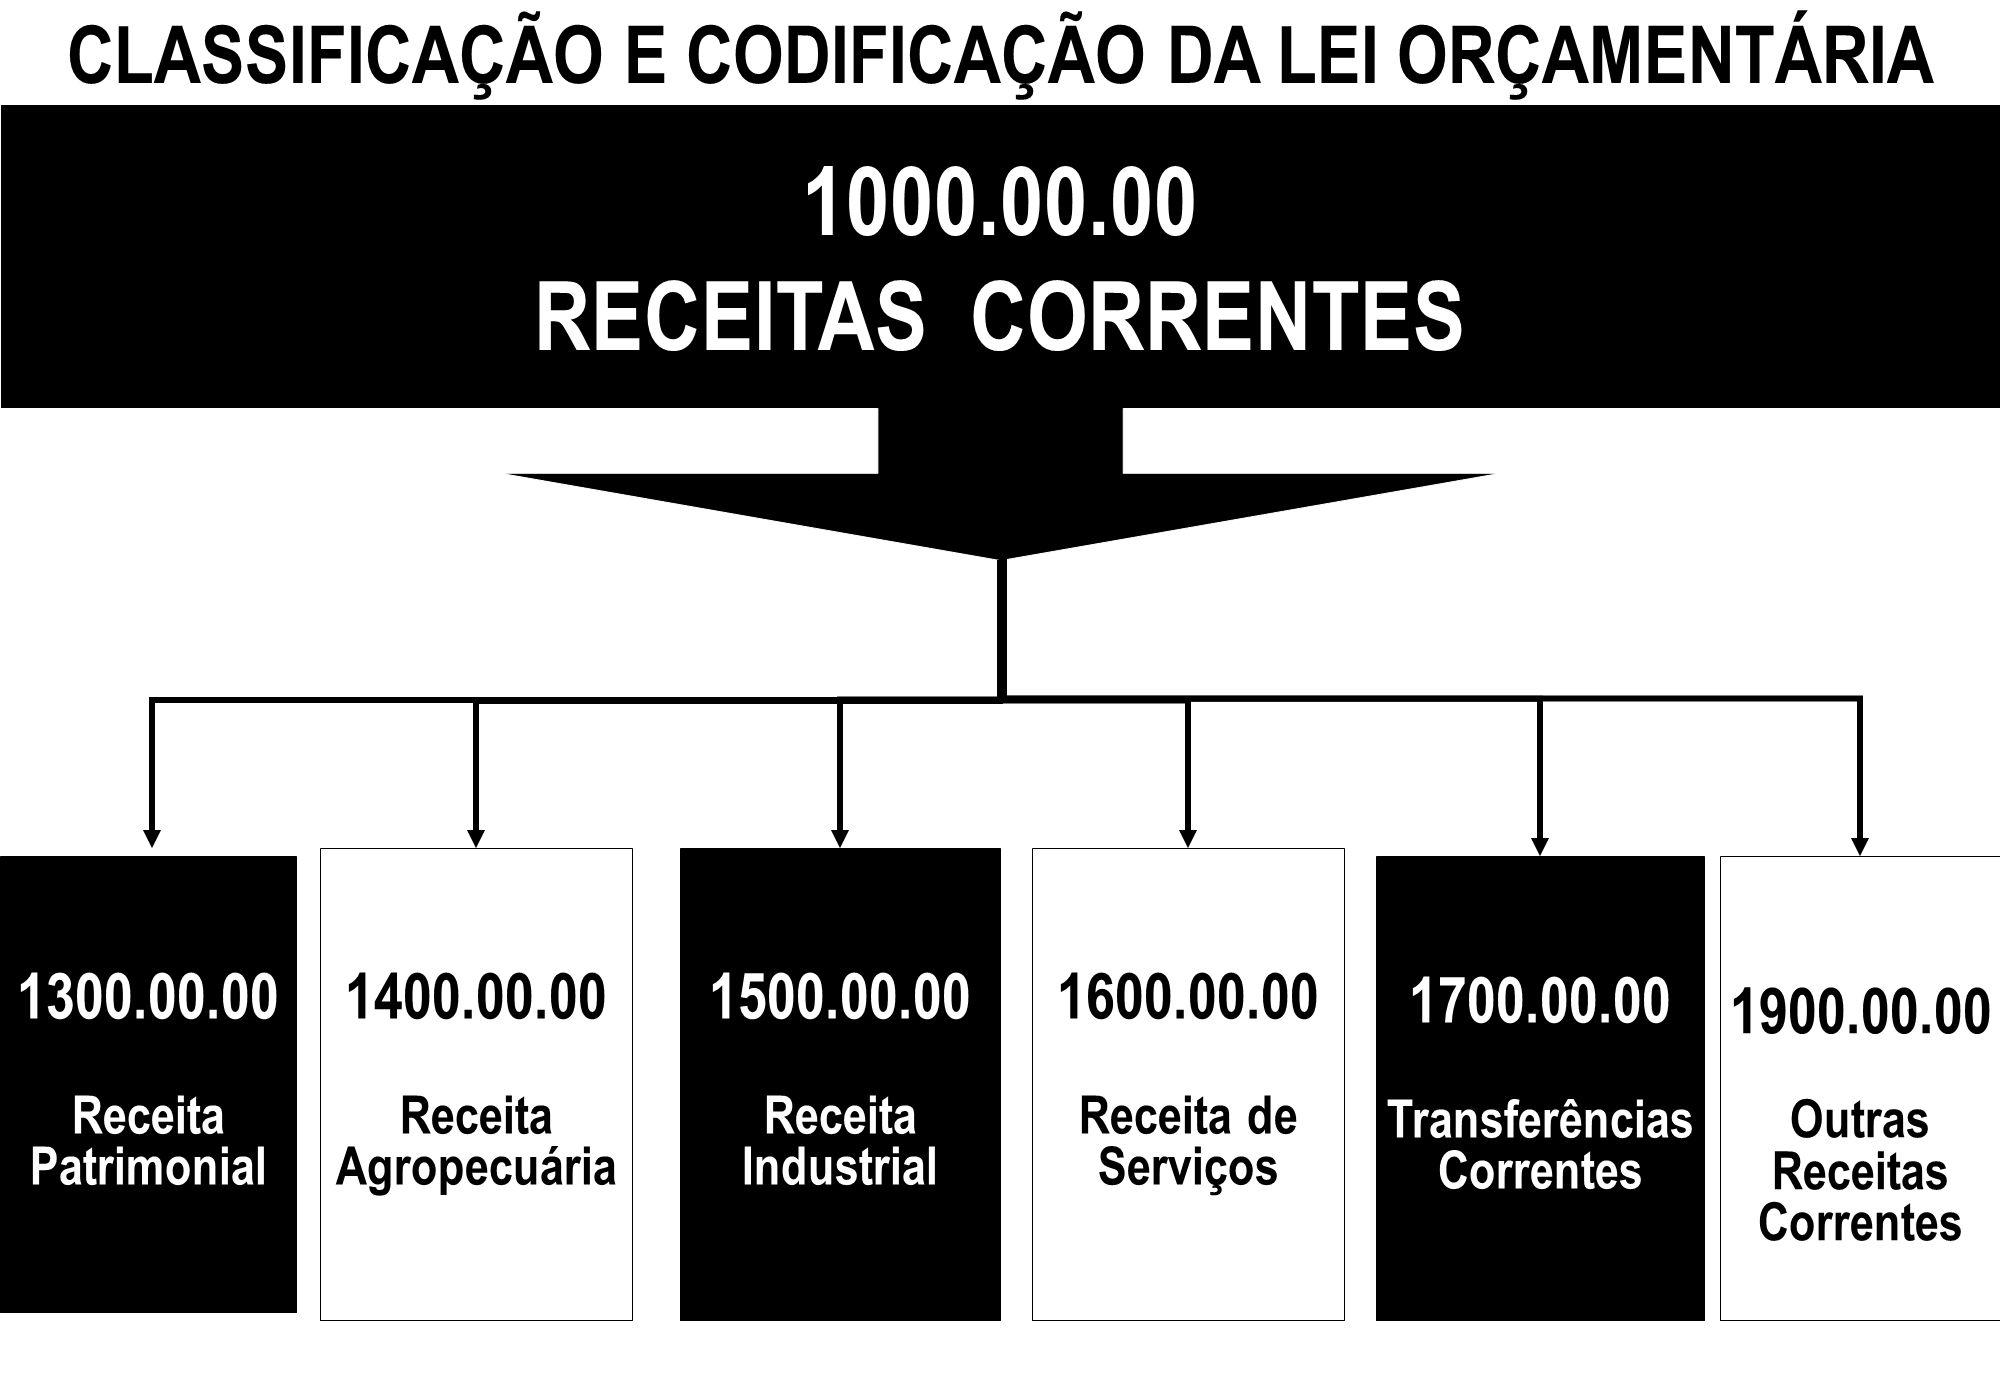 CLASSIFICAÇÃO E CODIFICAÇÃO DA LEI ORÇAMENTÁRIA 1000.00.00 RECEITAS CORRENTES 1300.00.00 Receita Patrimonial 1500.00.00 Receita Industrial 1400.00.00